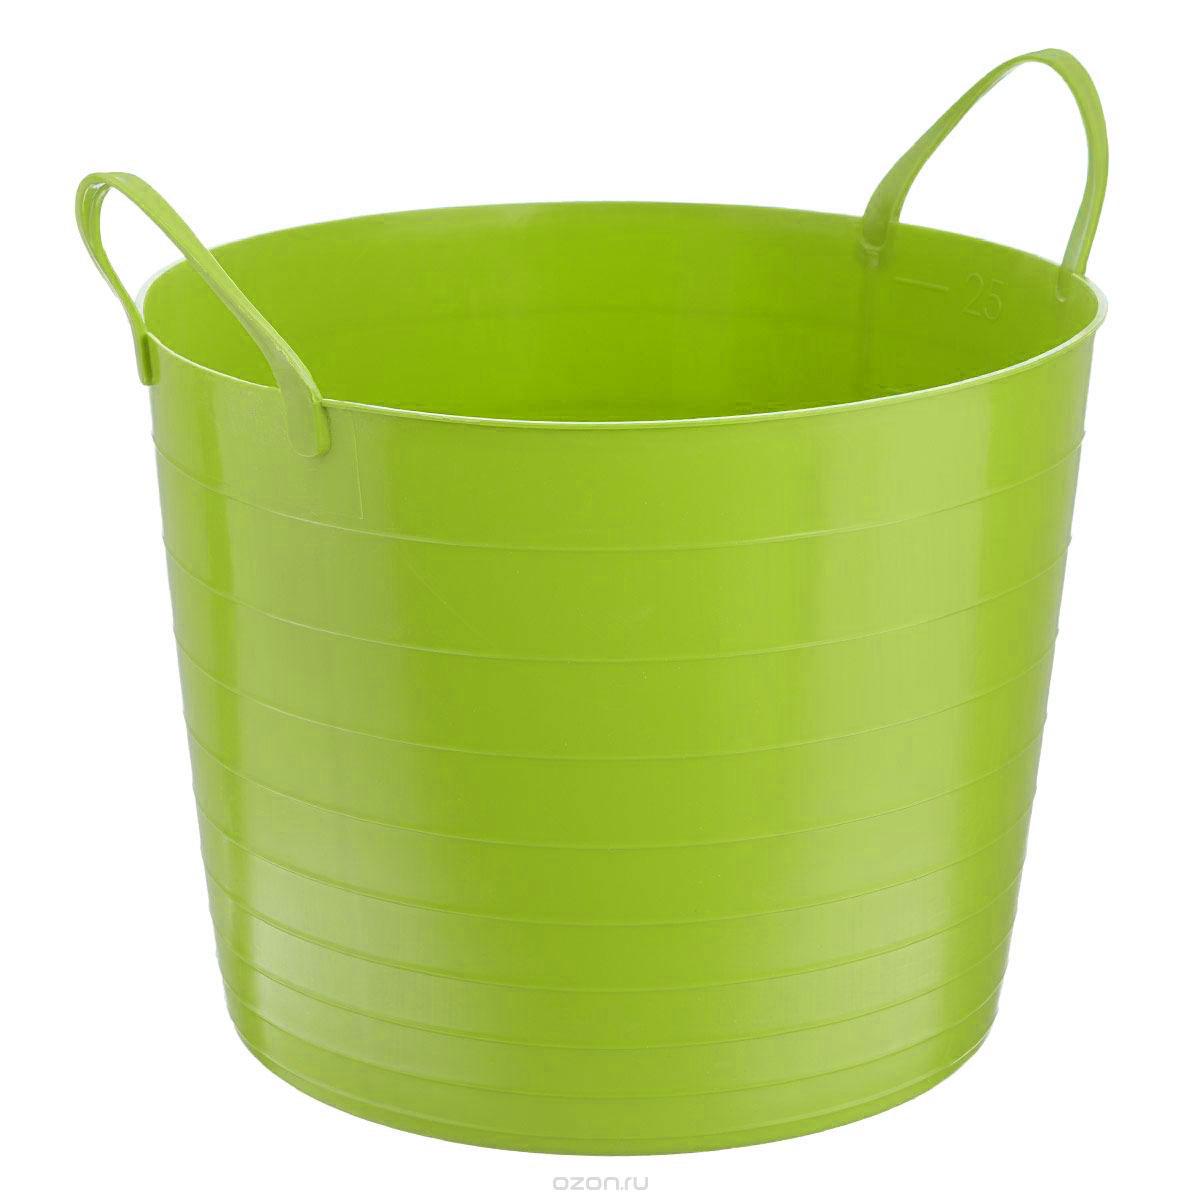 Корзина мягкая Idea, цвет: ярко-зеленый, 27 лМ 2881Мягкая корзина Idea изготовлена из гибкого пластика, оснащена двумя удобными ручками. Внутренняя поверхность имеет отметки литража. Размер (без учета ручек): 38 х 38 х 29,5 см.